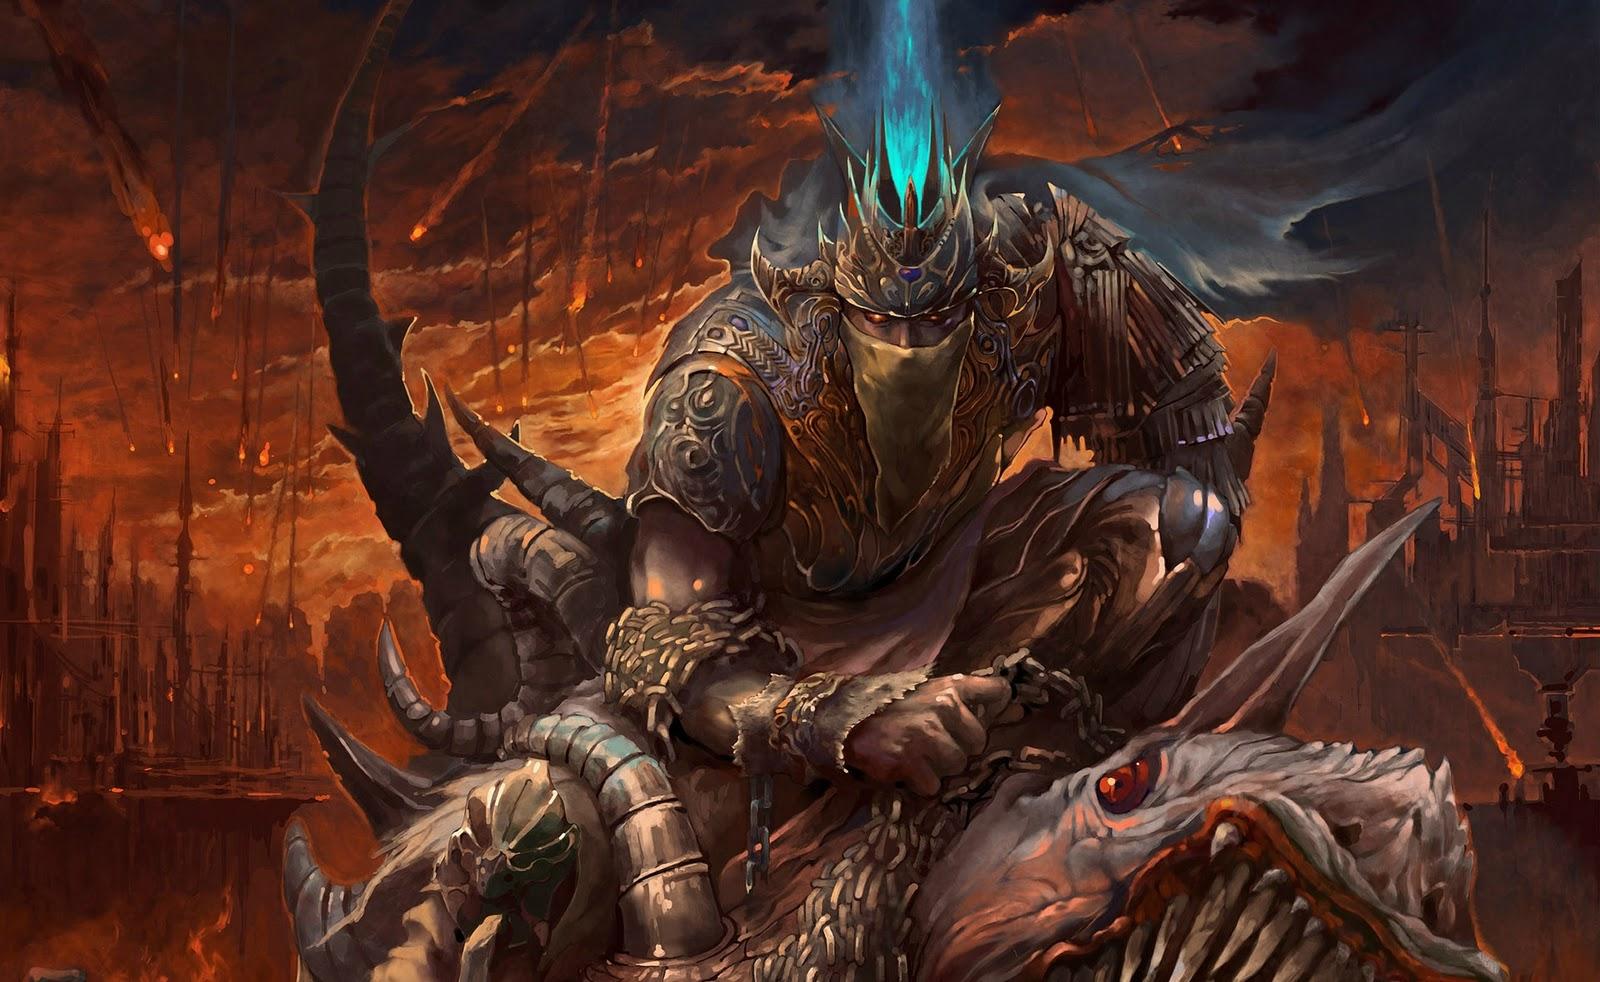 wallpaper land dark warrior